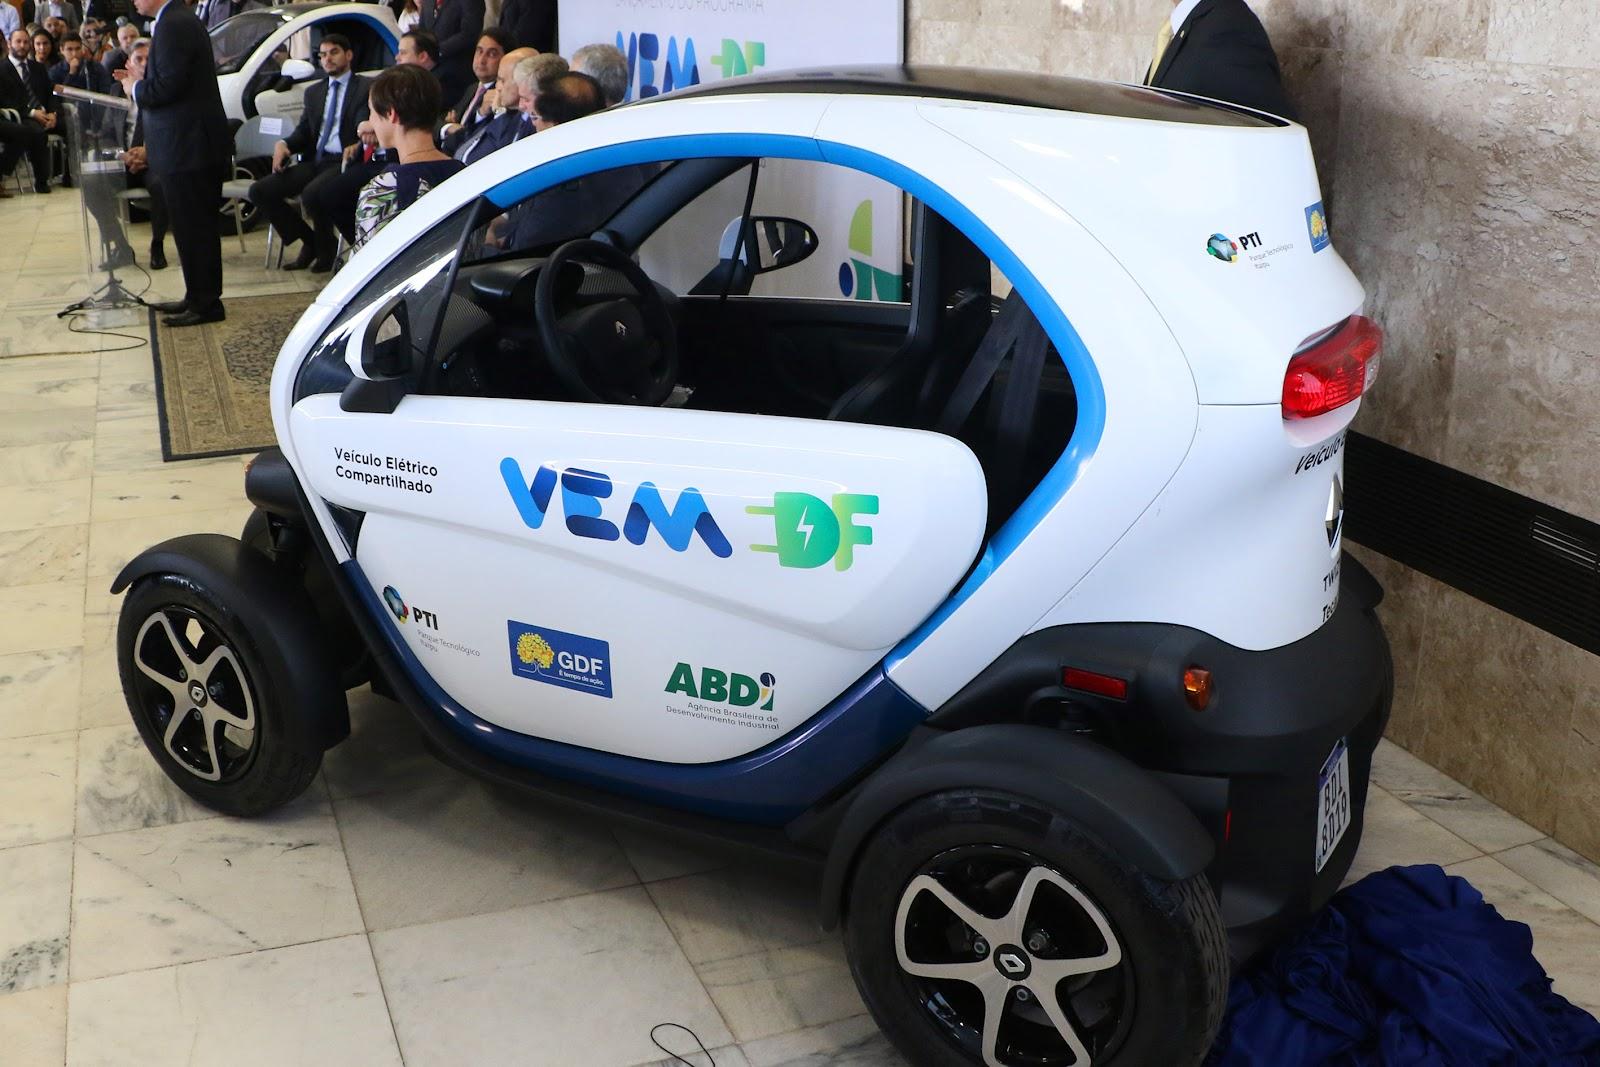 Twizy, da Renault, será compartilhado por servidores do Governo do Distrito Federal em programa piloto de carros elétricos. (Fonte: Agência Brasília)